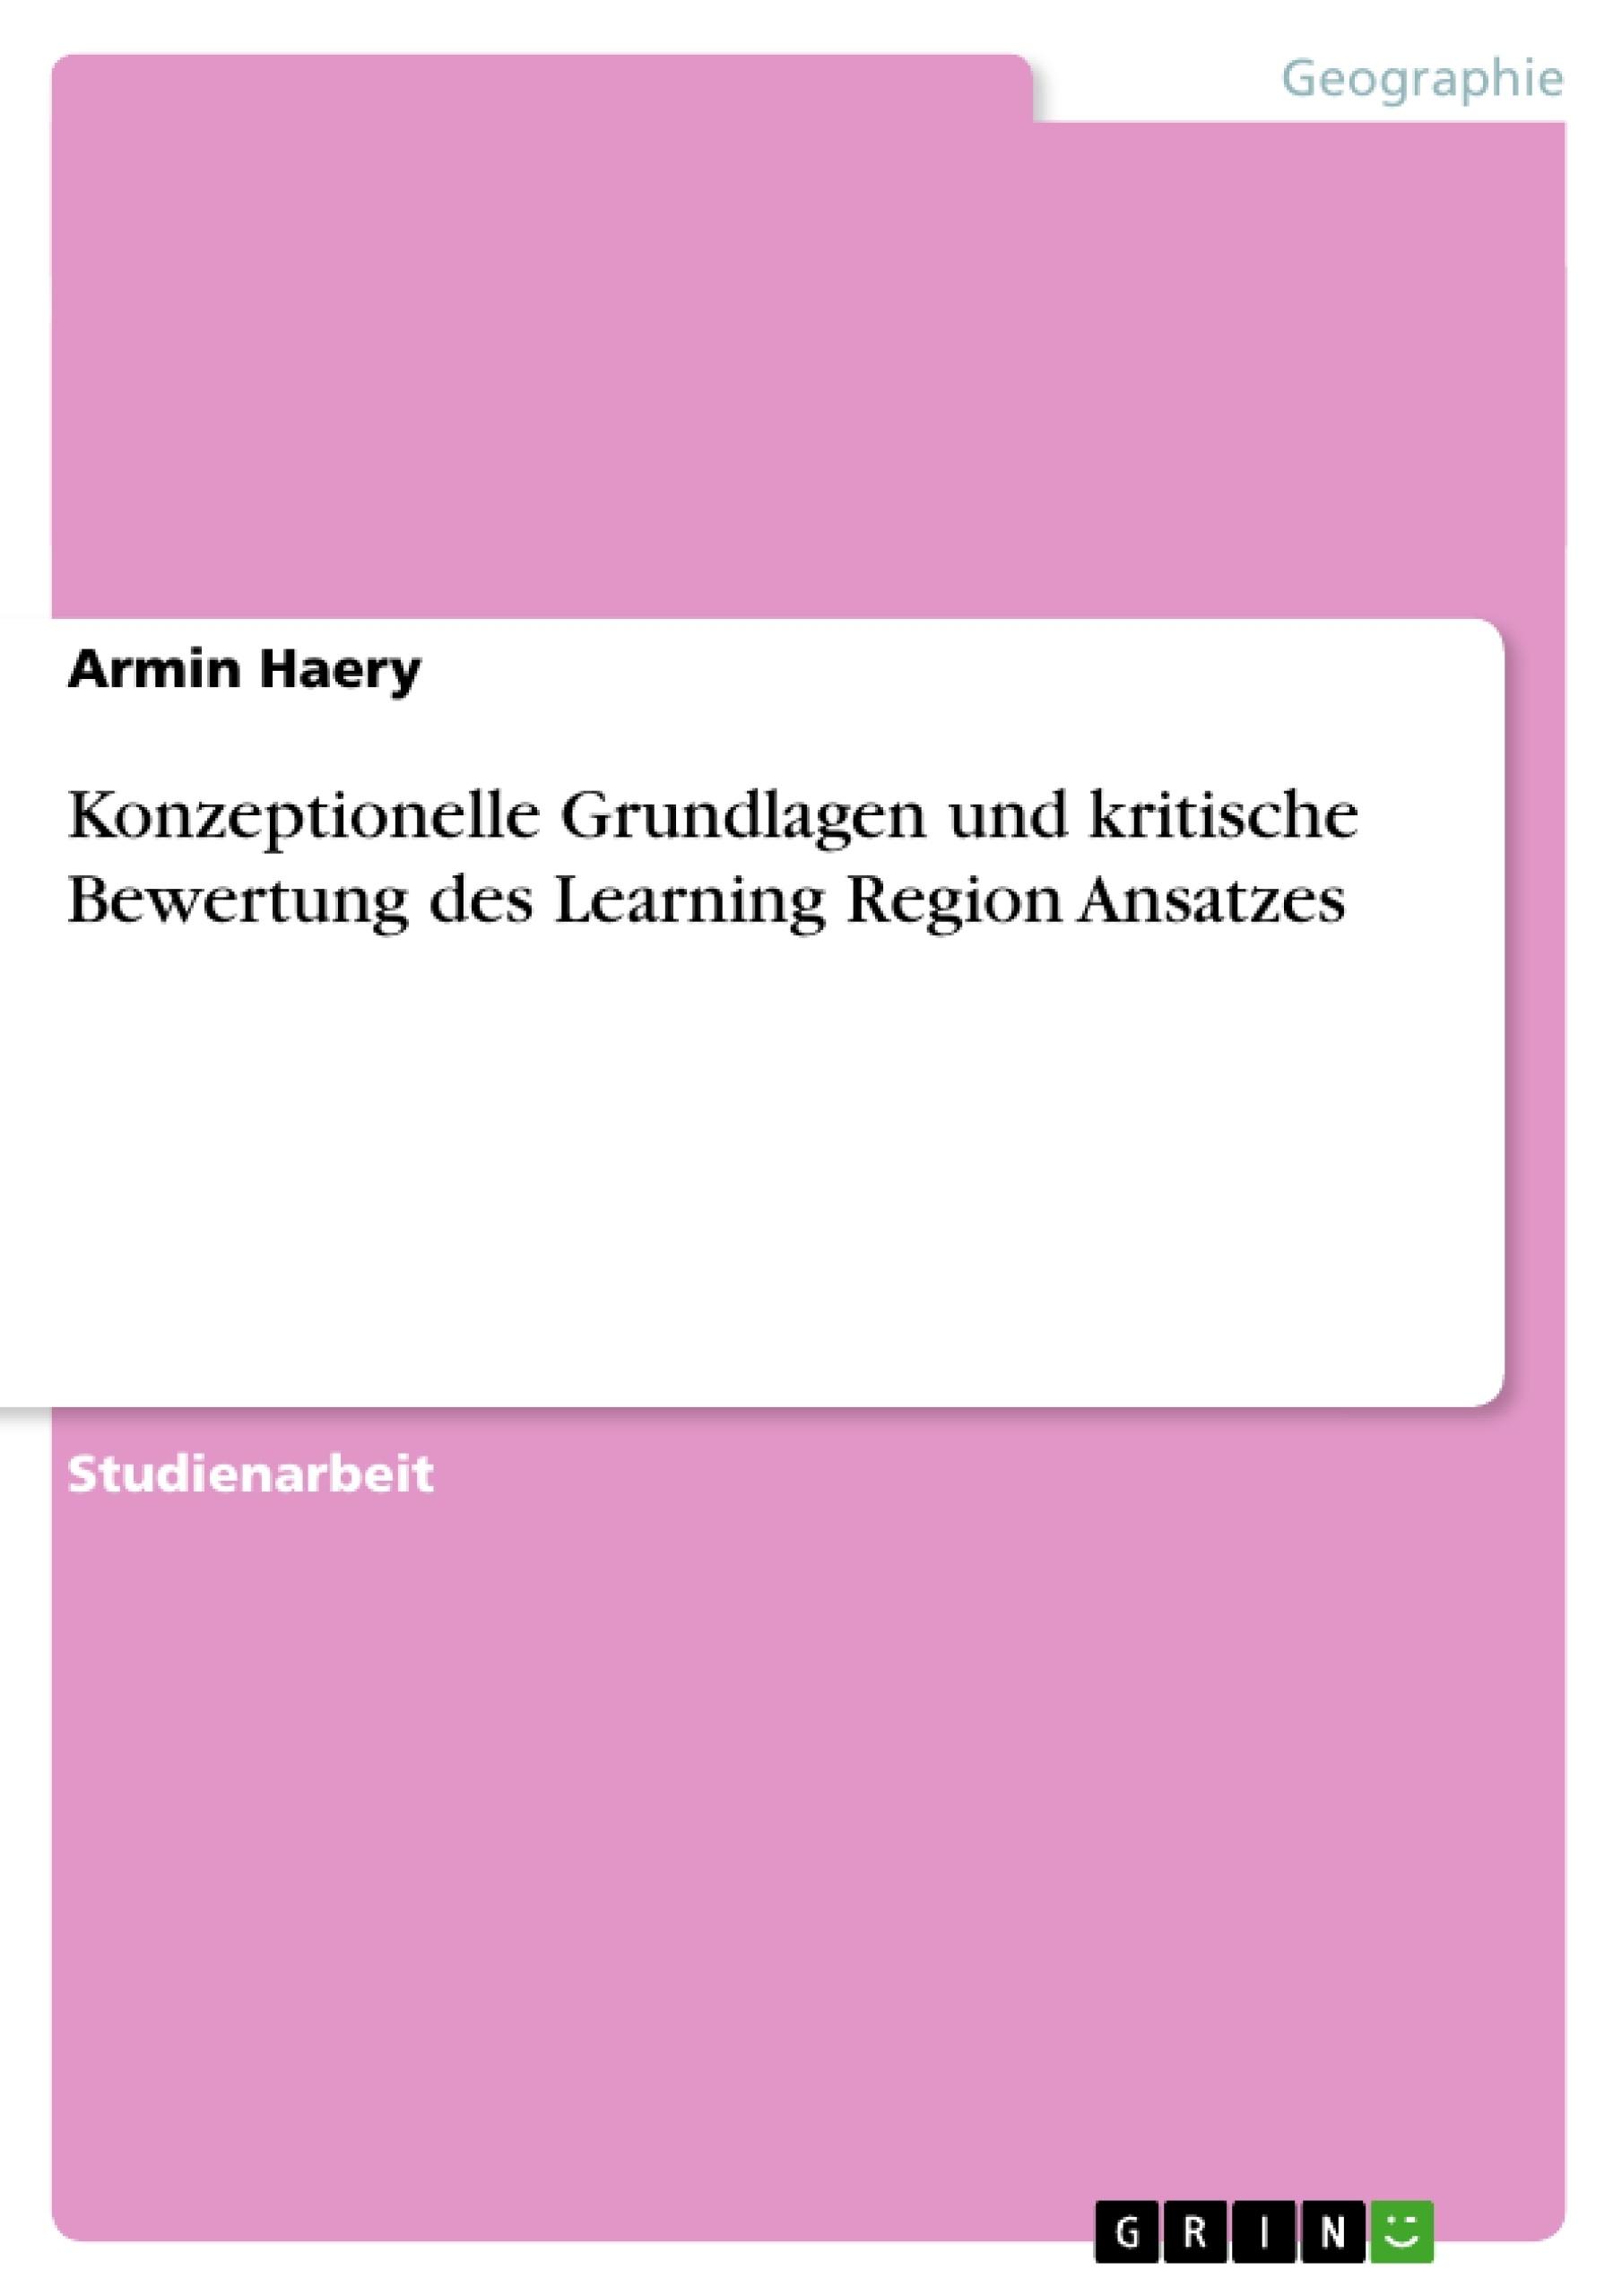 Titel: Konzeptionelle Grundlagen und kritische Bewertung des Learning Region Ansatzes